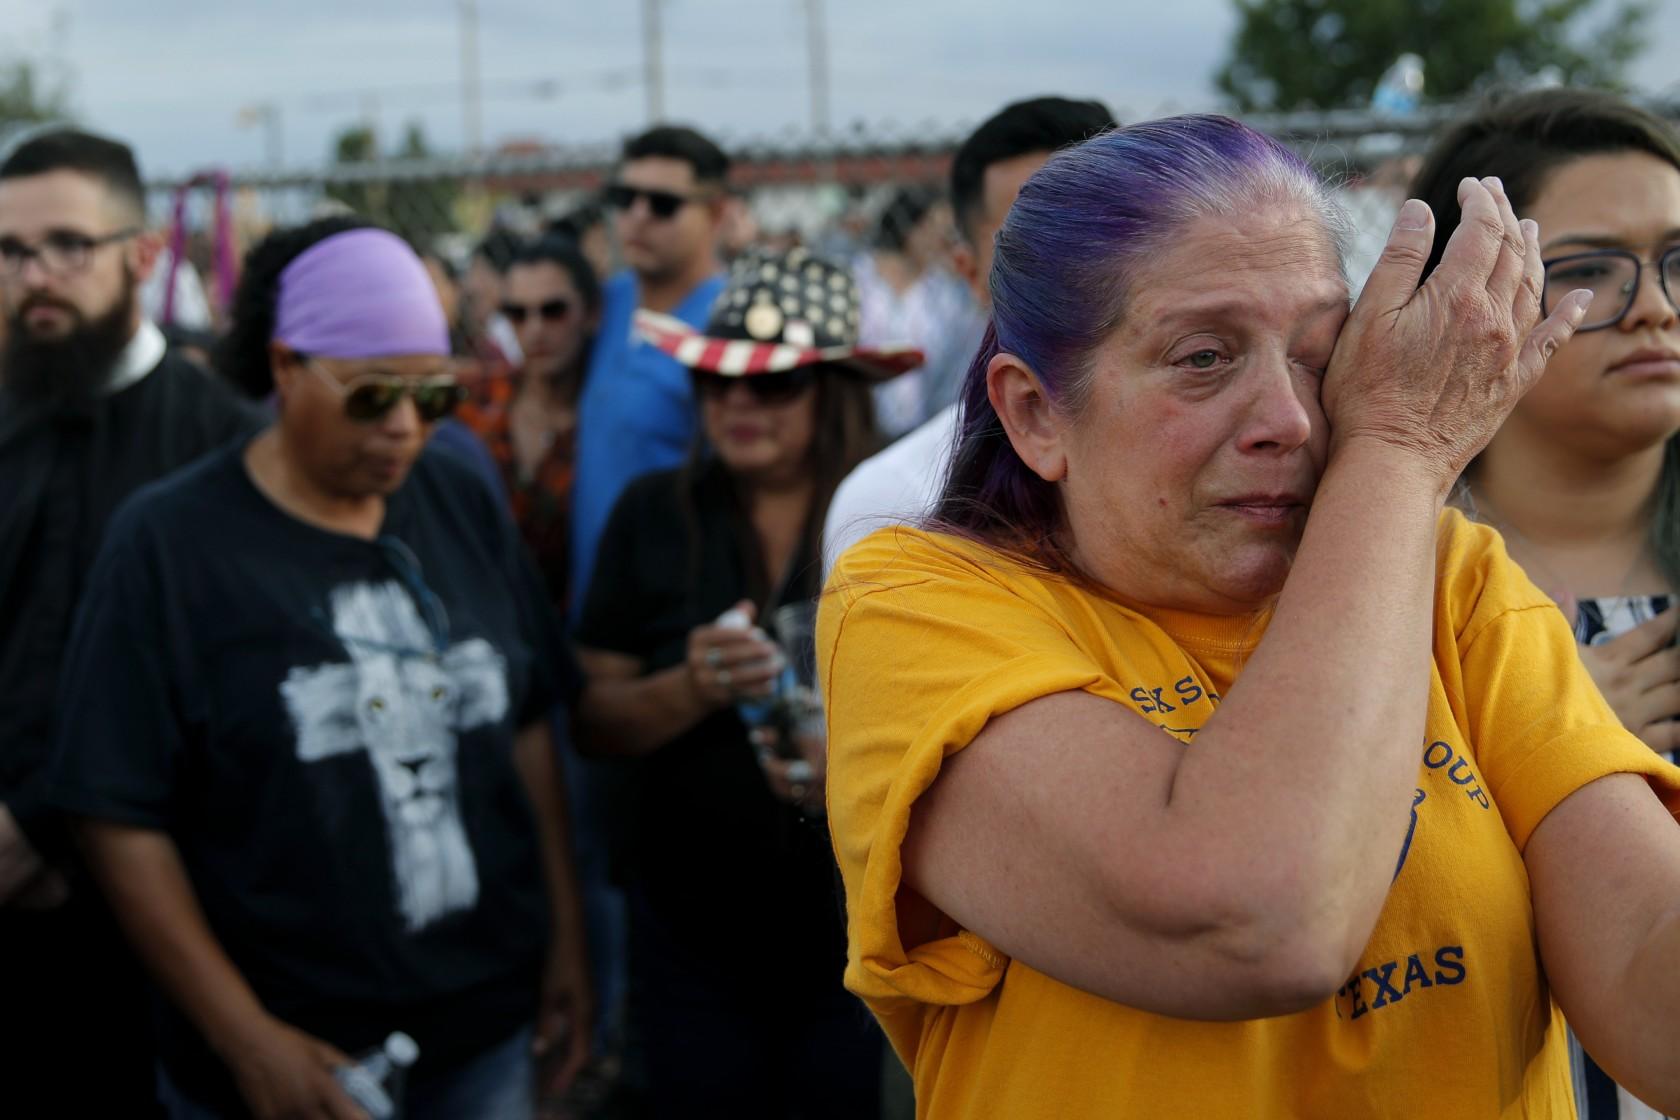 Photo L.A. Times